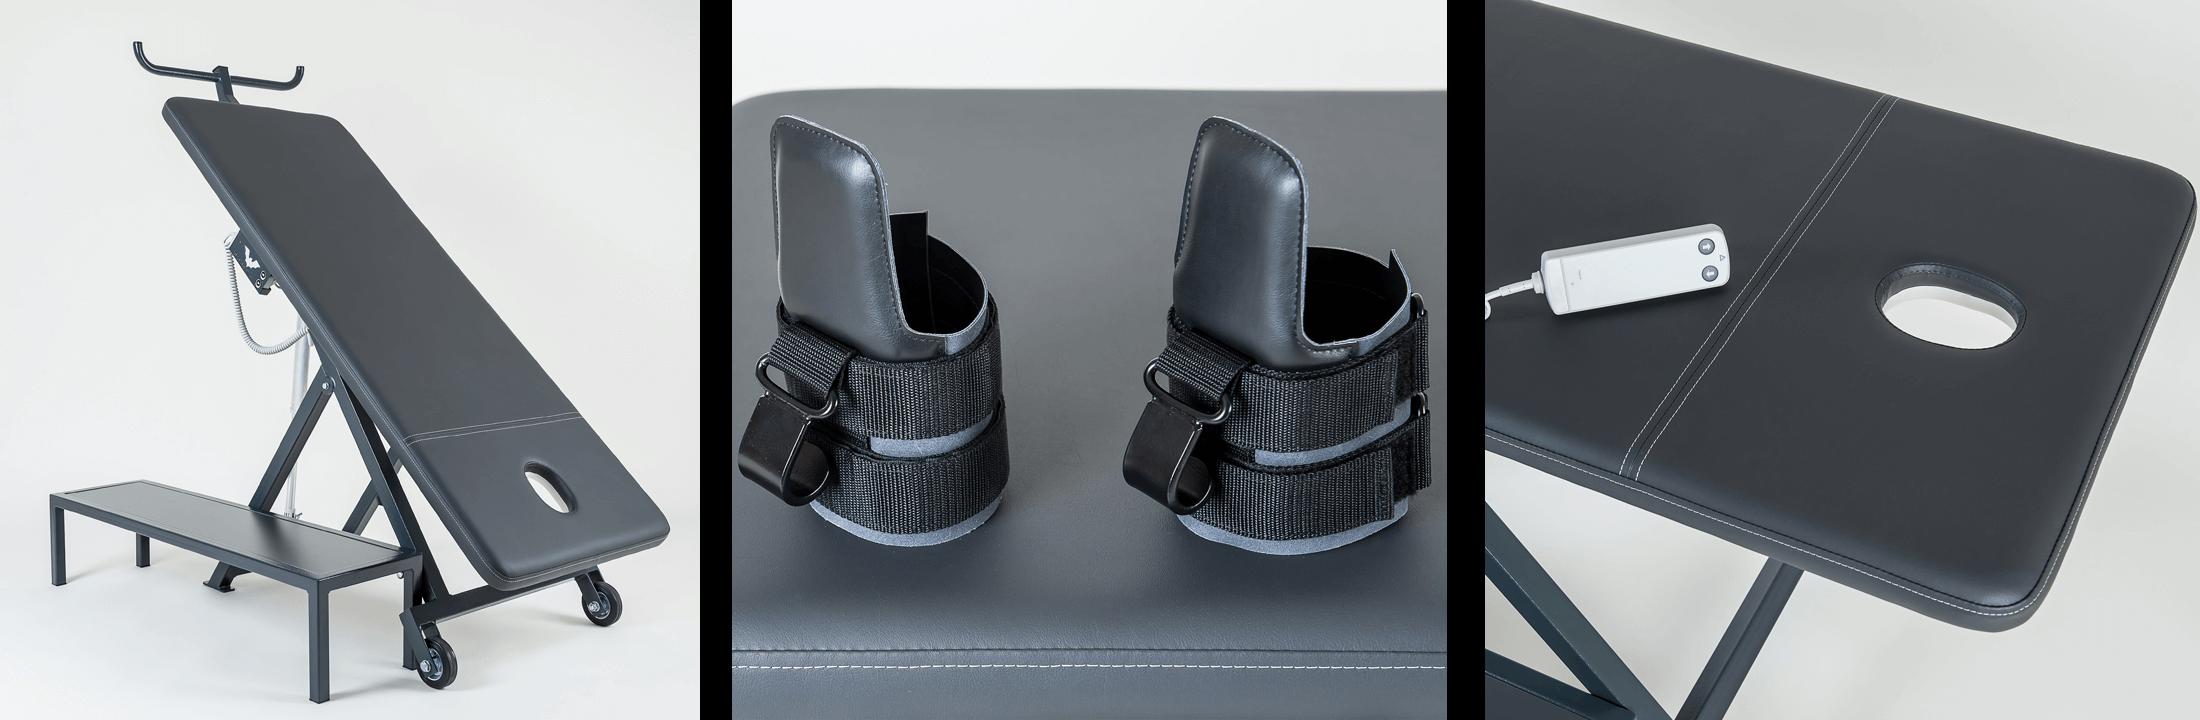 Denevérpad – részletek